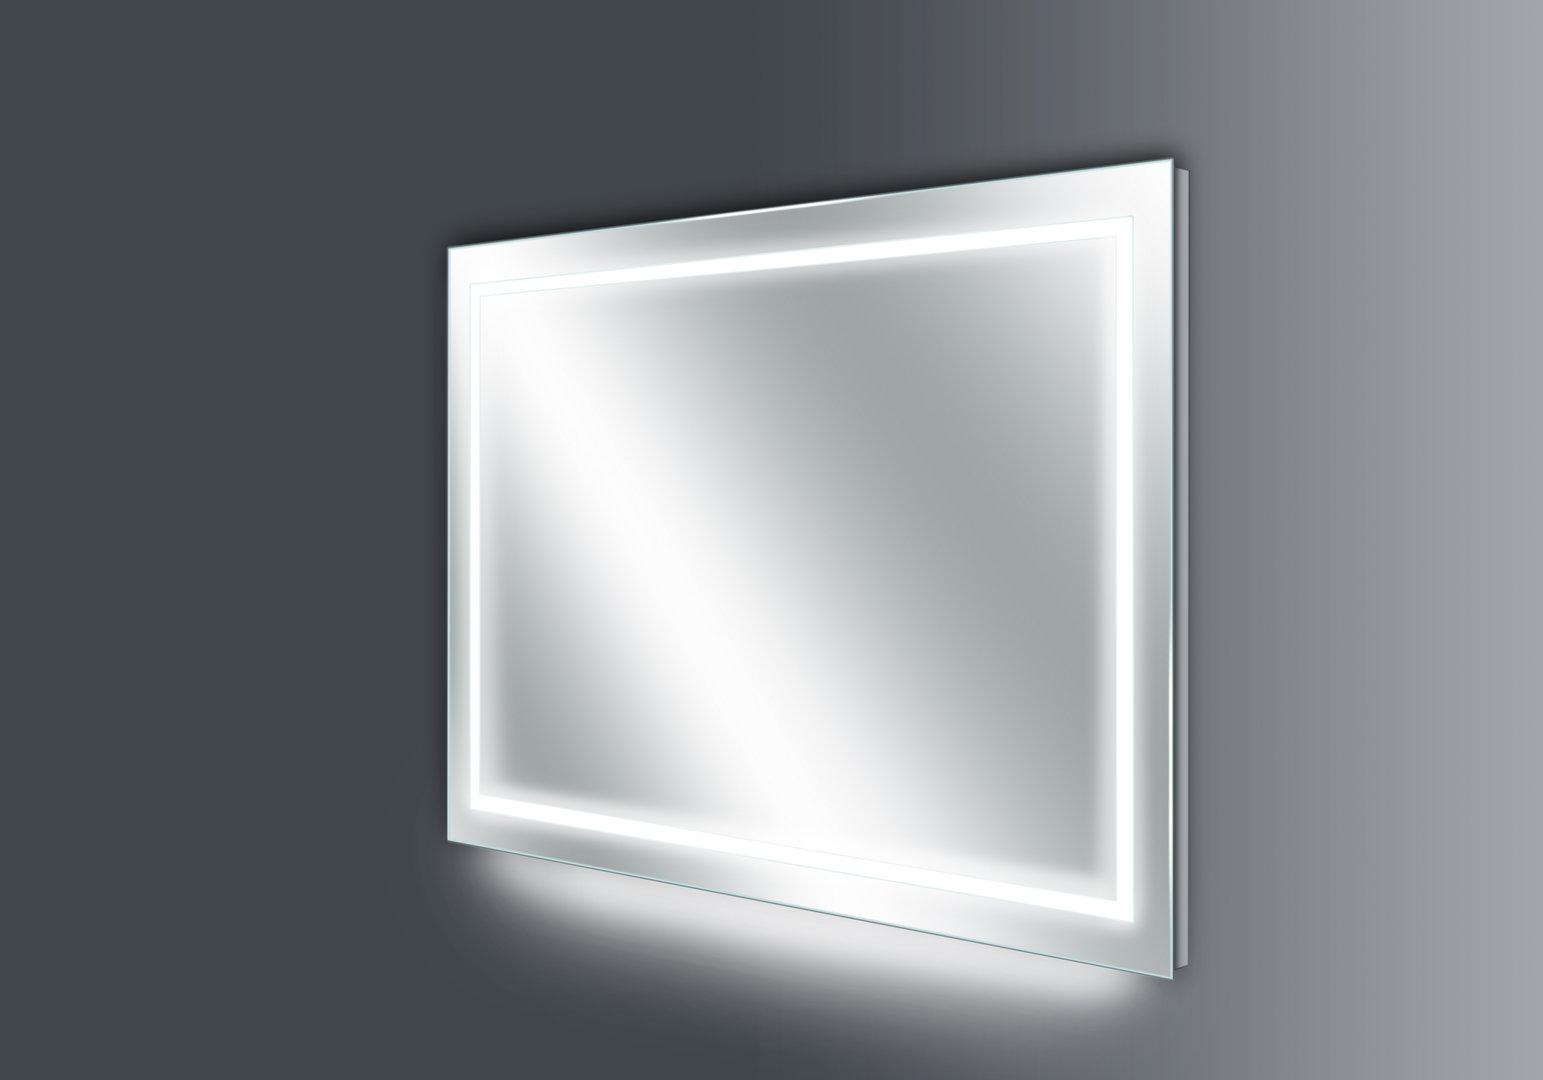 thebalux basic led spiegel heizung 140x70cm w hlbar nano. Black Bedroom Furniture Sets. Home Design Ideas